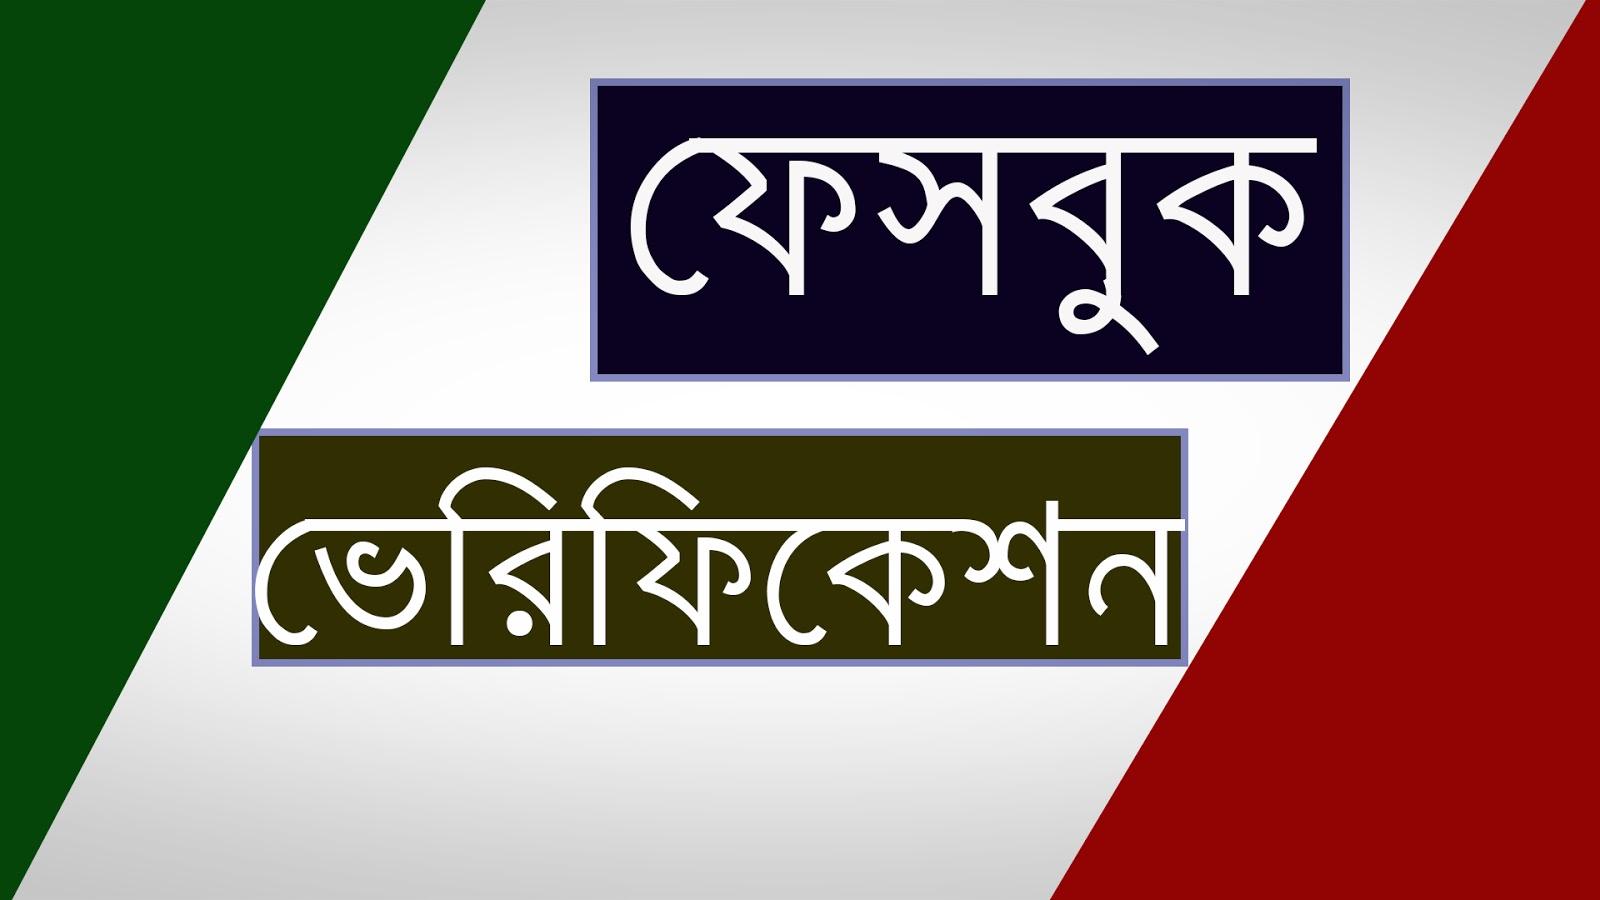 ফেক ন্যাশানাল আইডি কার্ড তৈরি করে ফেসবুক আইডি ভেরিফাই করার উপায় বাংলা টিউটোরিয়াল ২০১৭